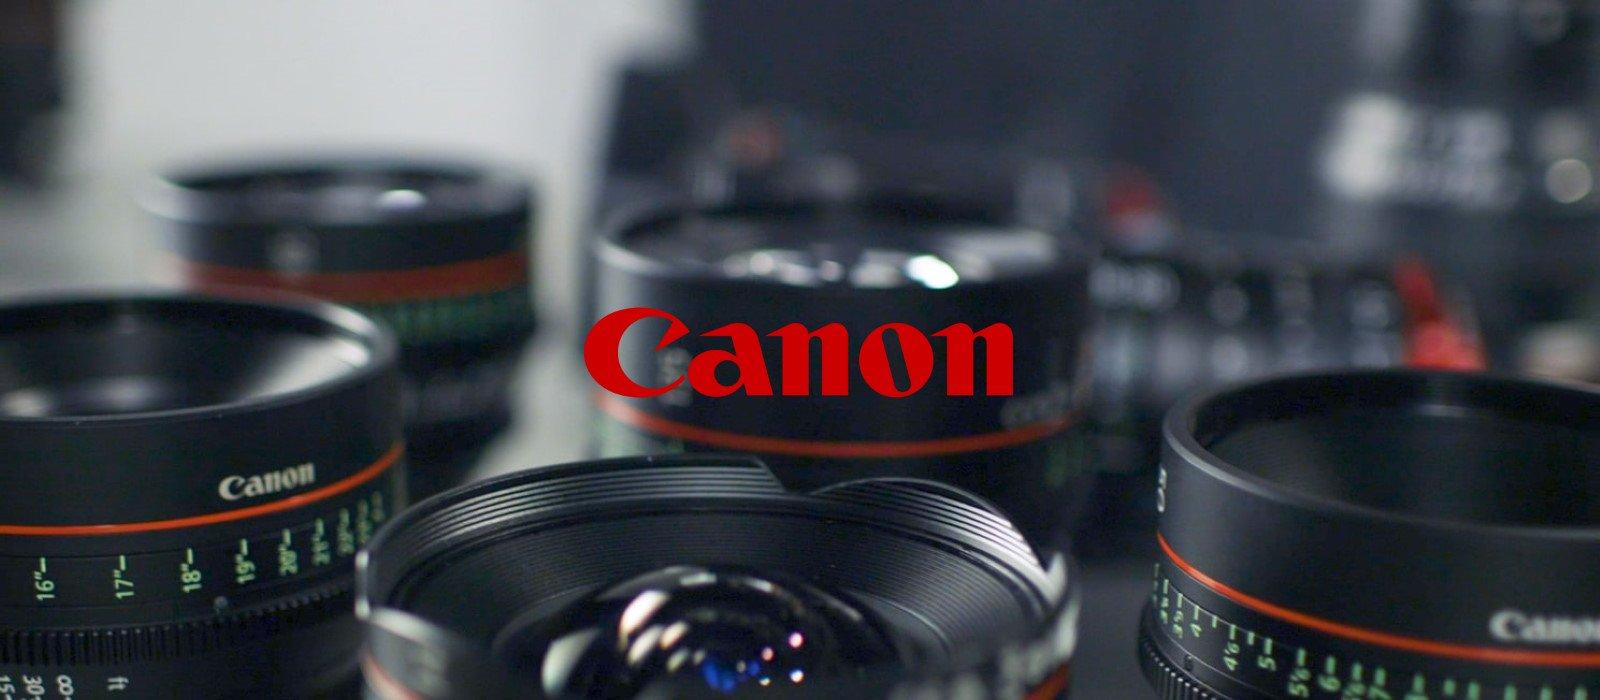 Canon colpita dall'attacco di Maze Ransomware, dati per 10 TB presumibilmente rubati